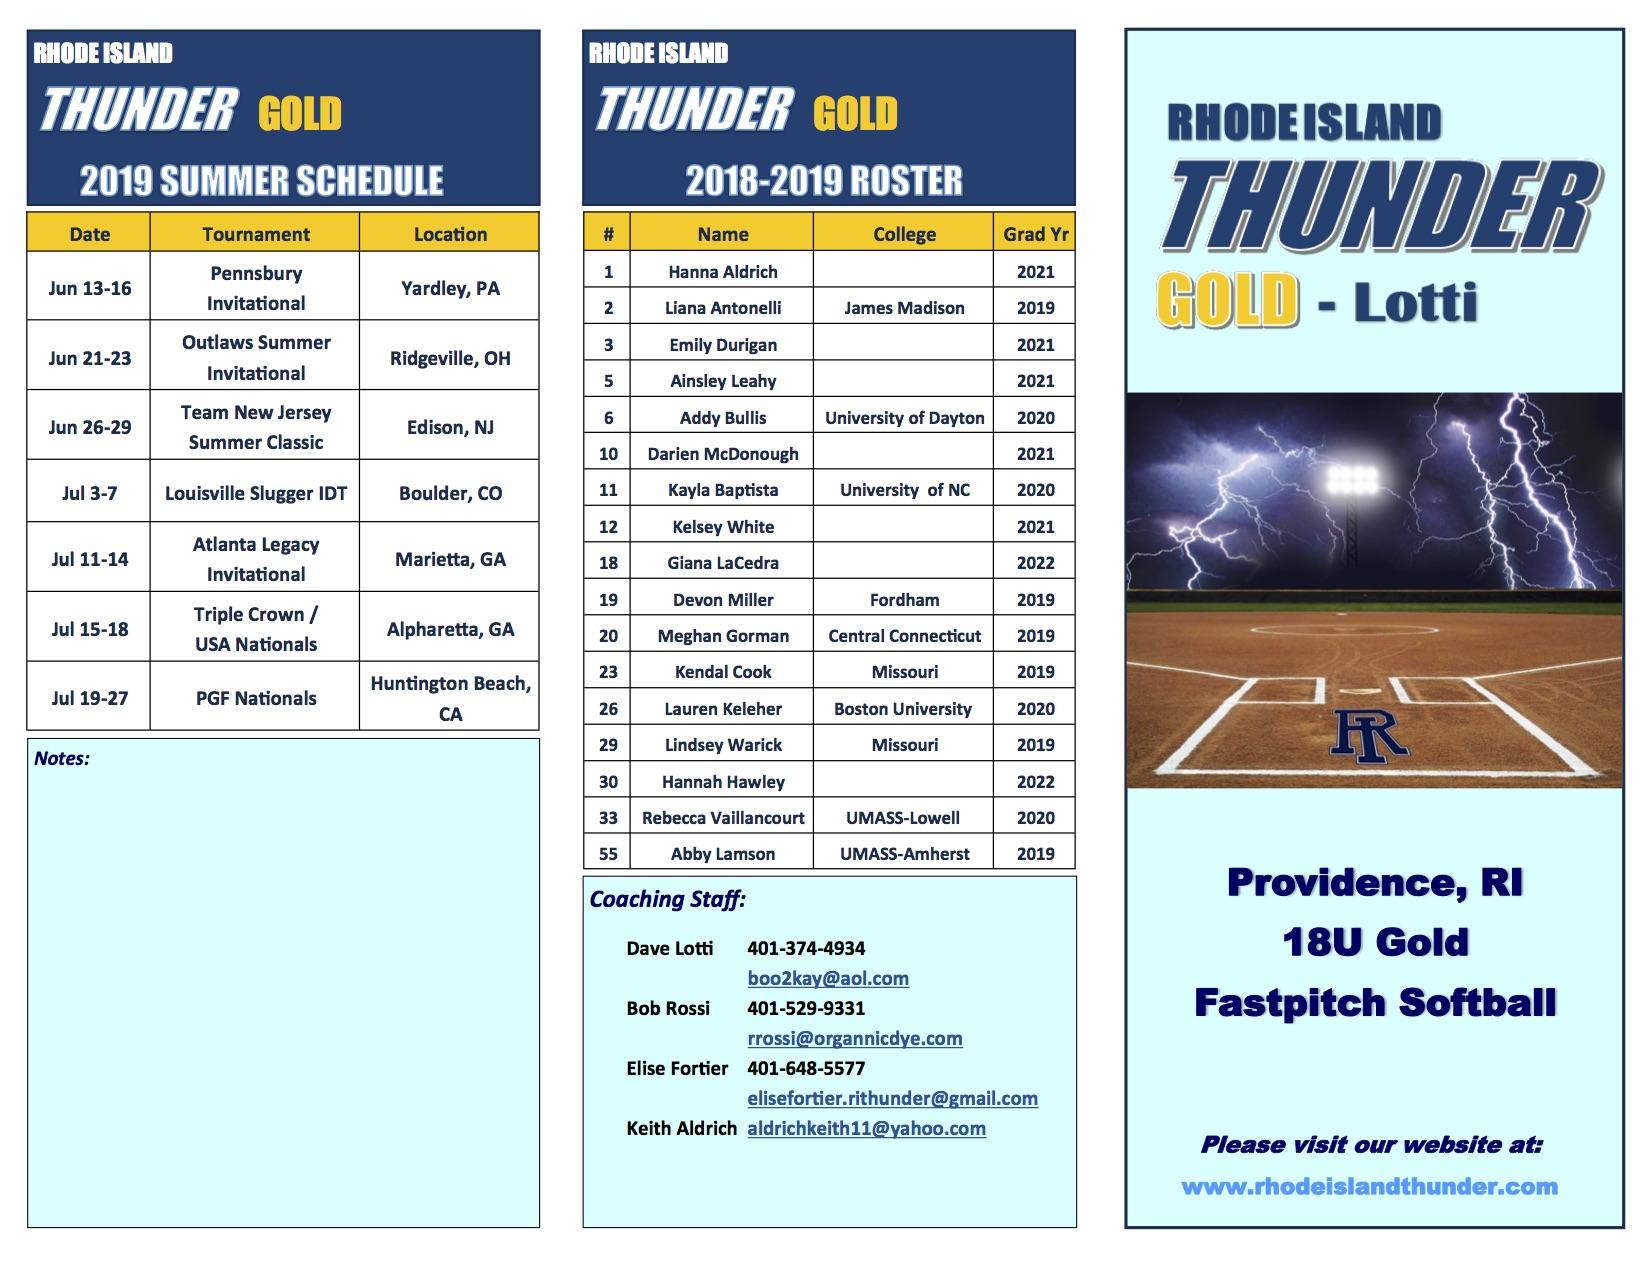 RI Thunder Gold 18U Lotti 2